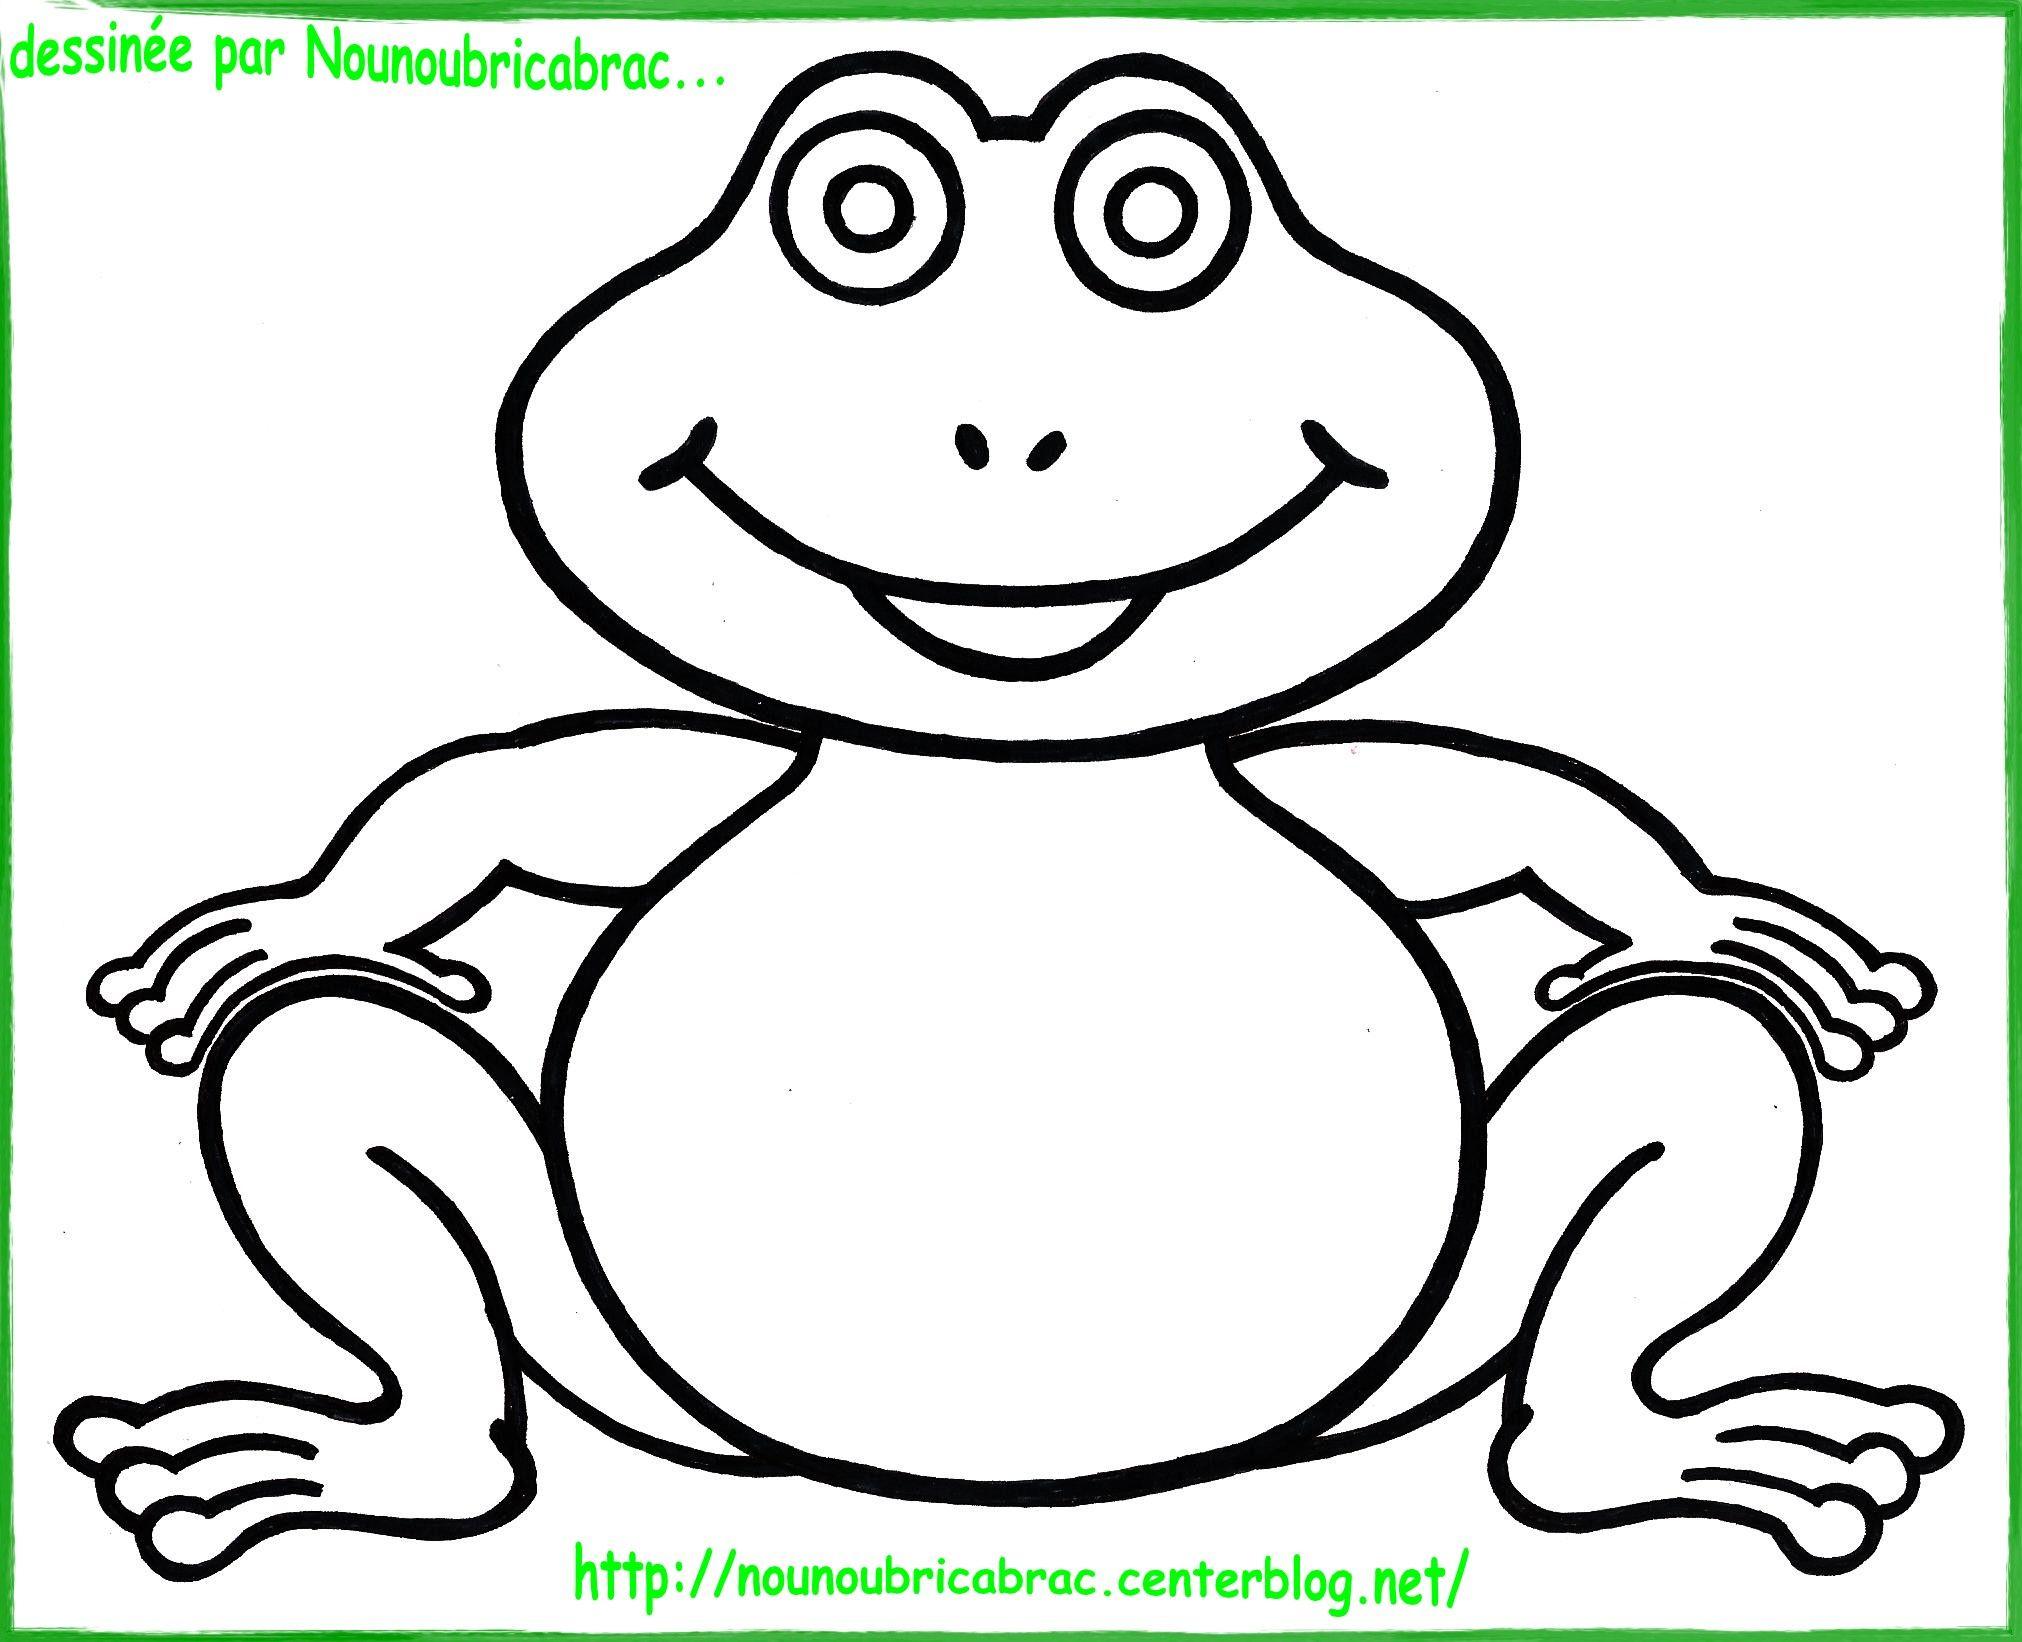 dessin simple d'une grenouille